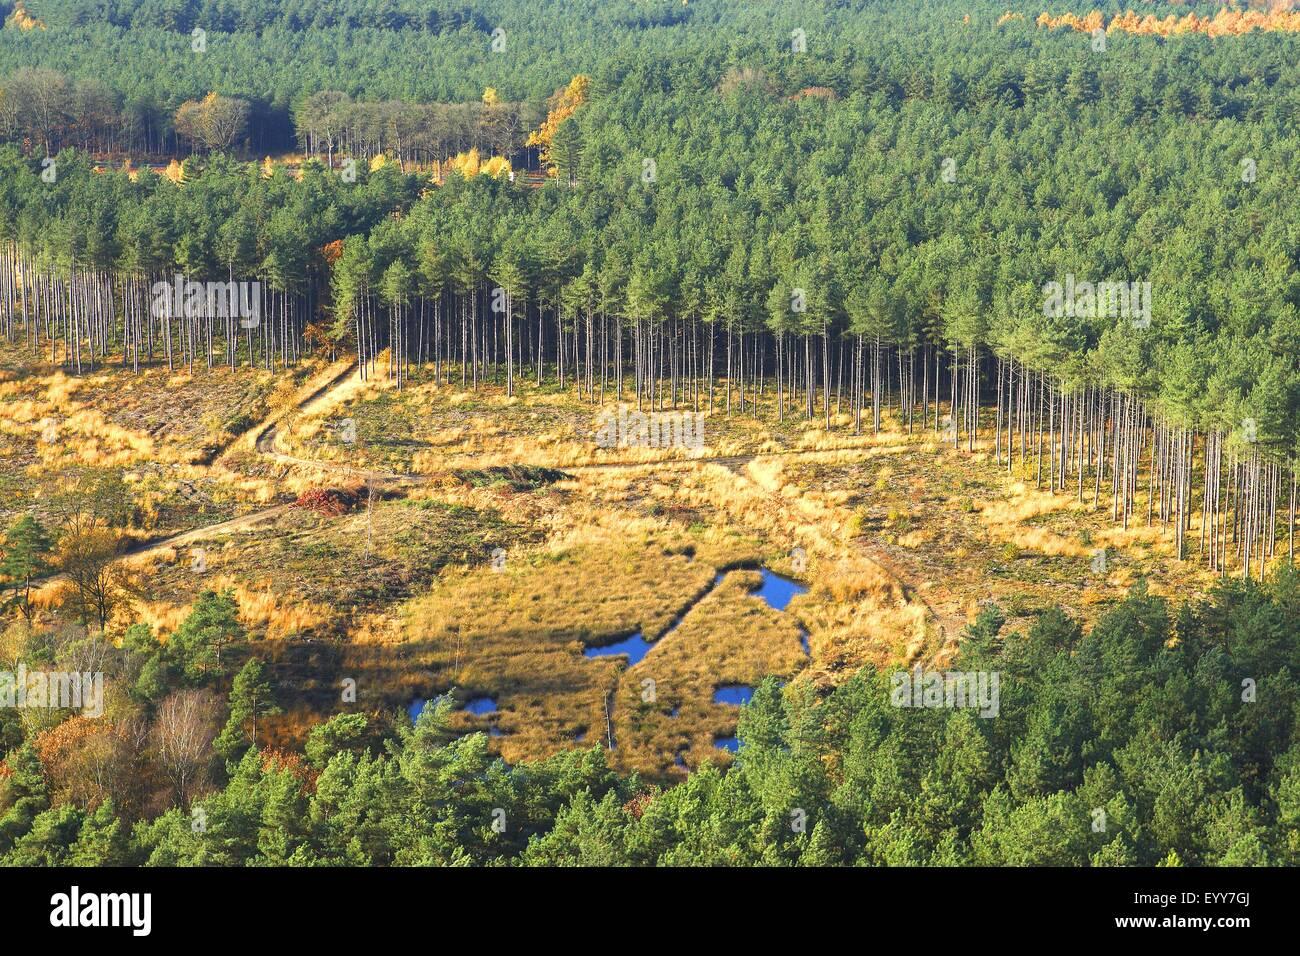 Vista aérea de la deforestación de bosques de pino, bosques de transformación y desarrollo de brezo Imagen De Stock